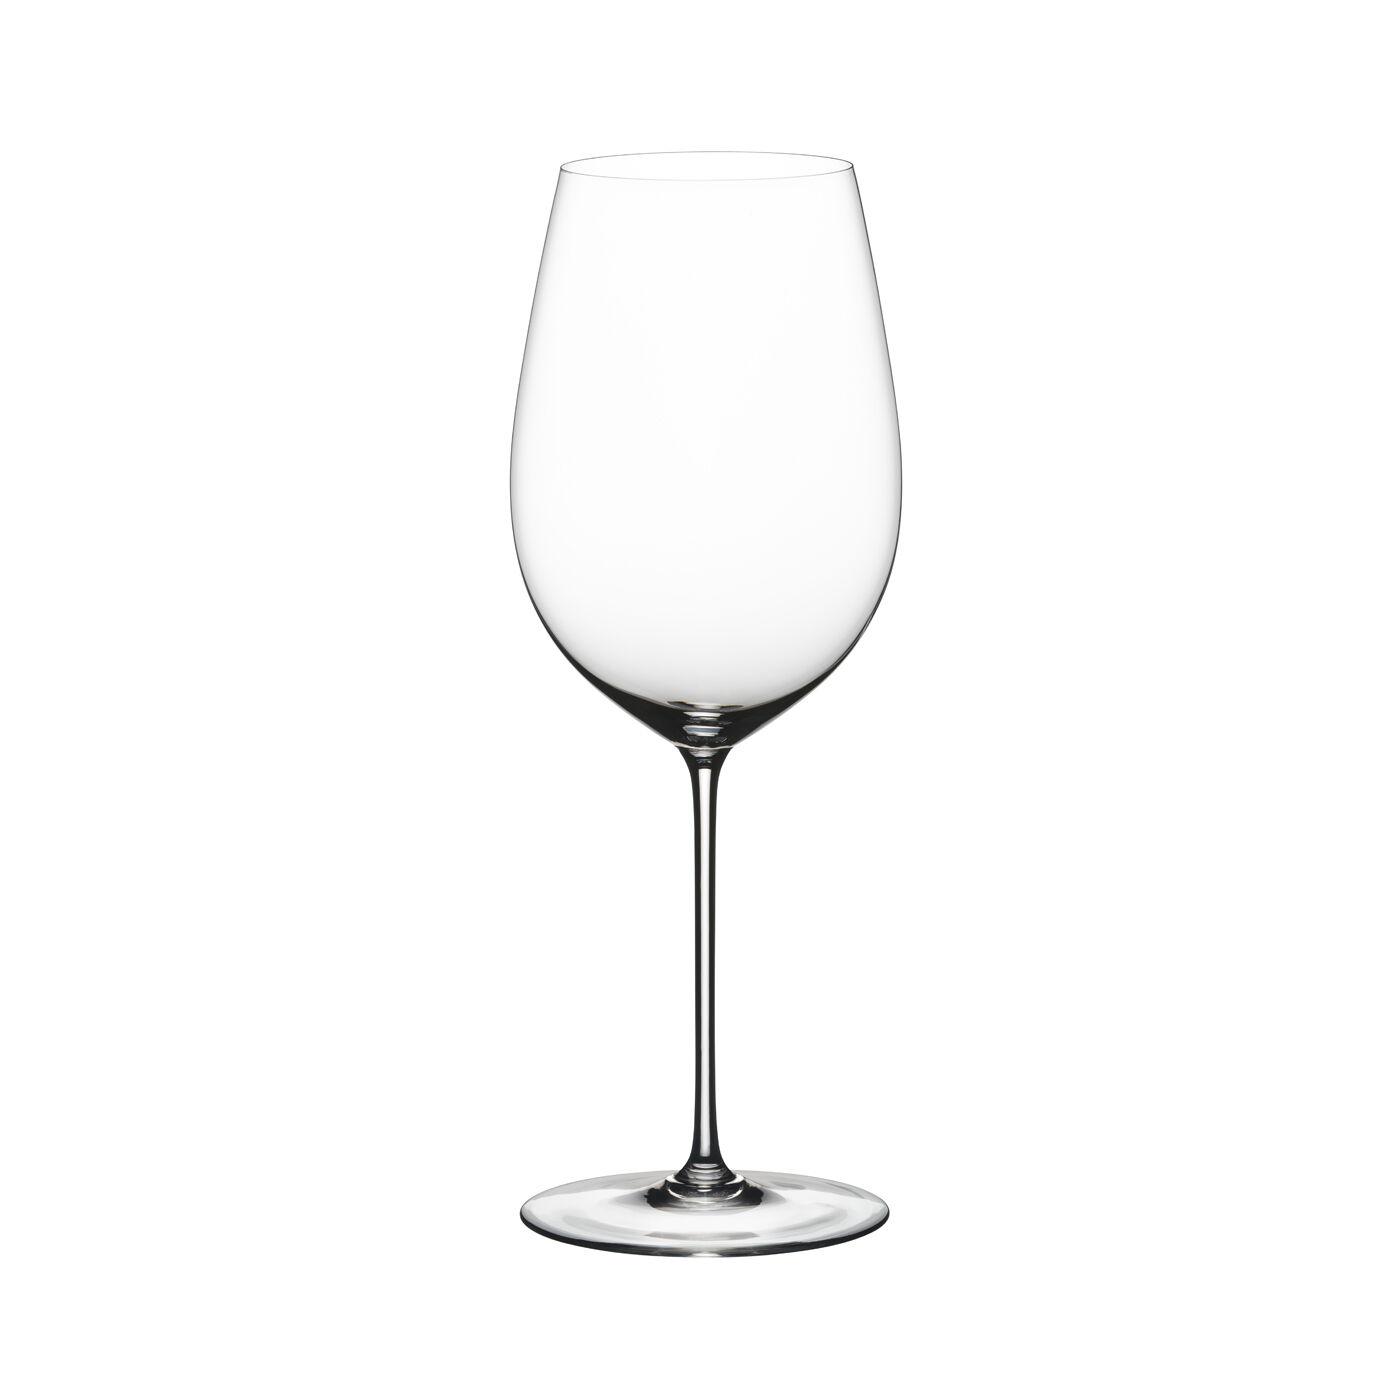 Riedel Superleggero Bordeaux Grand Cru Glass